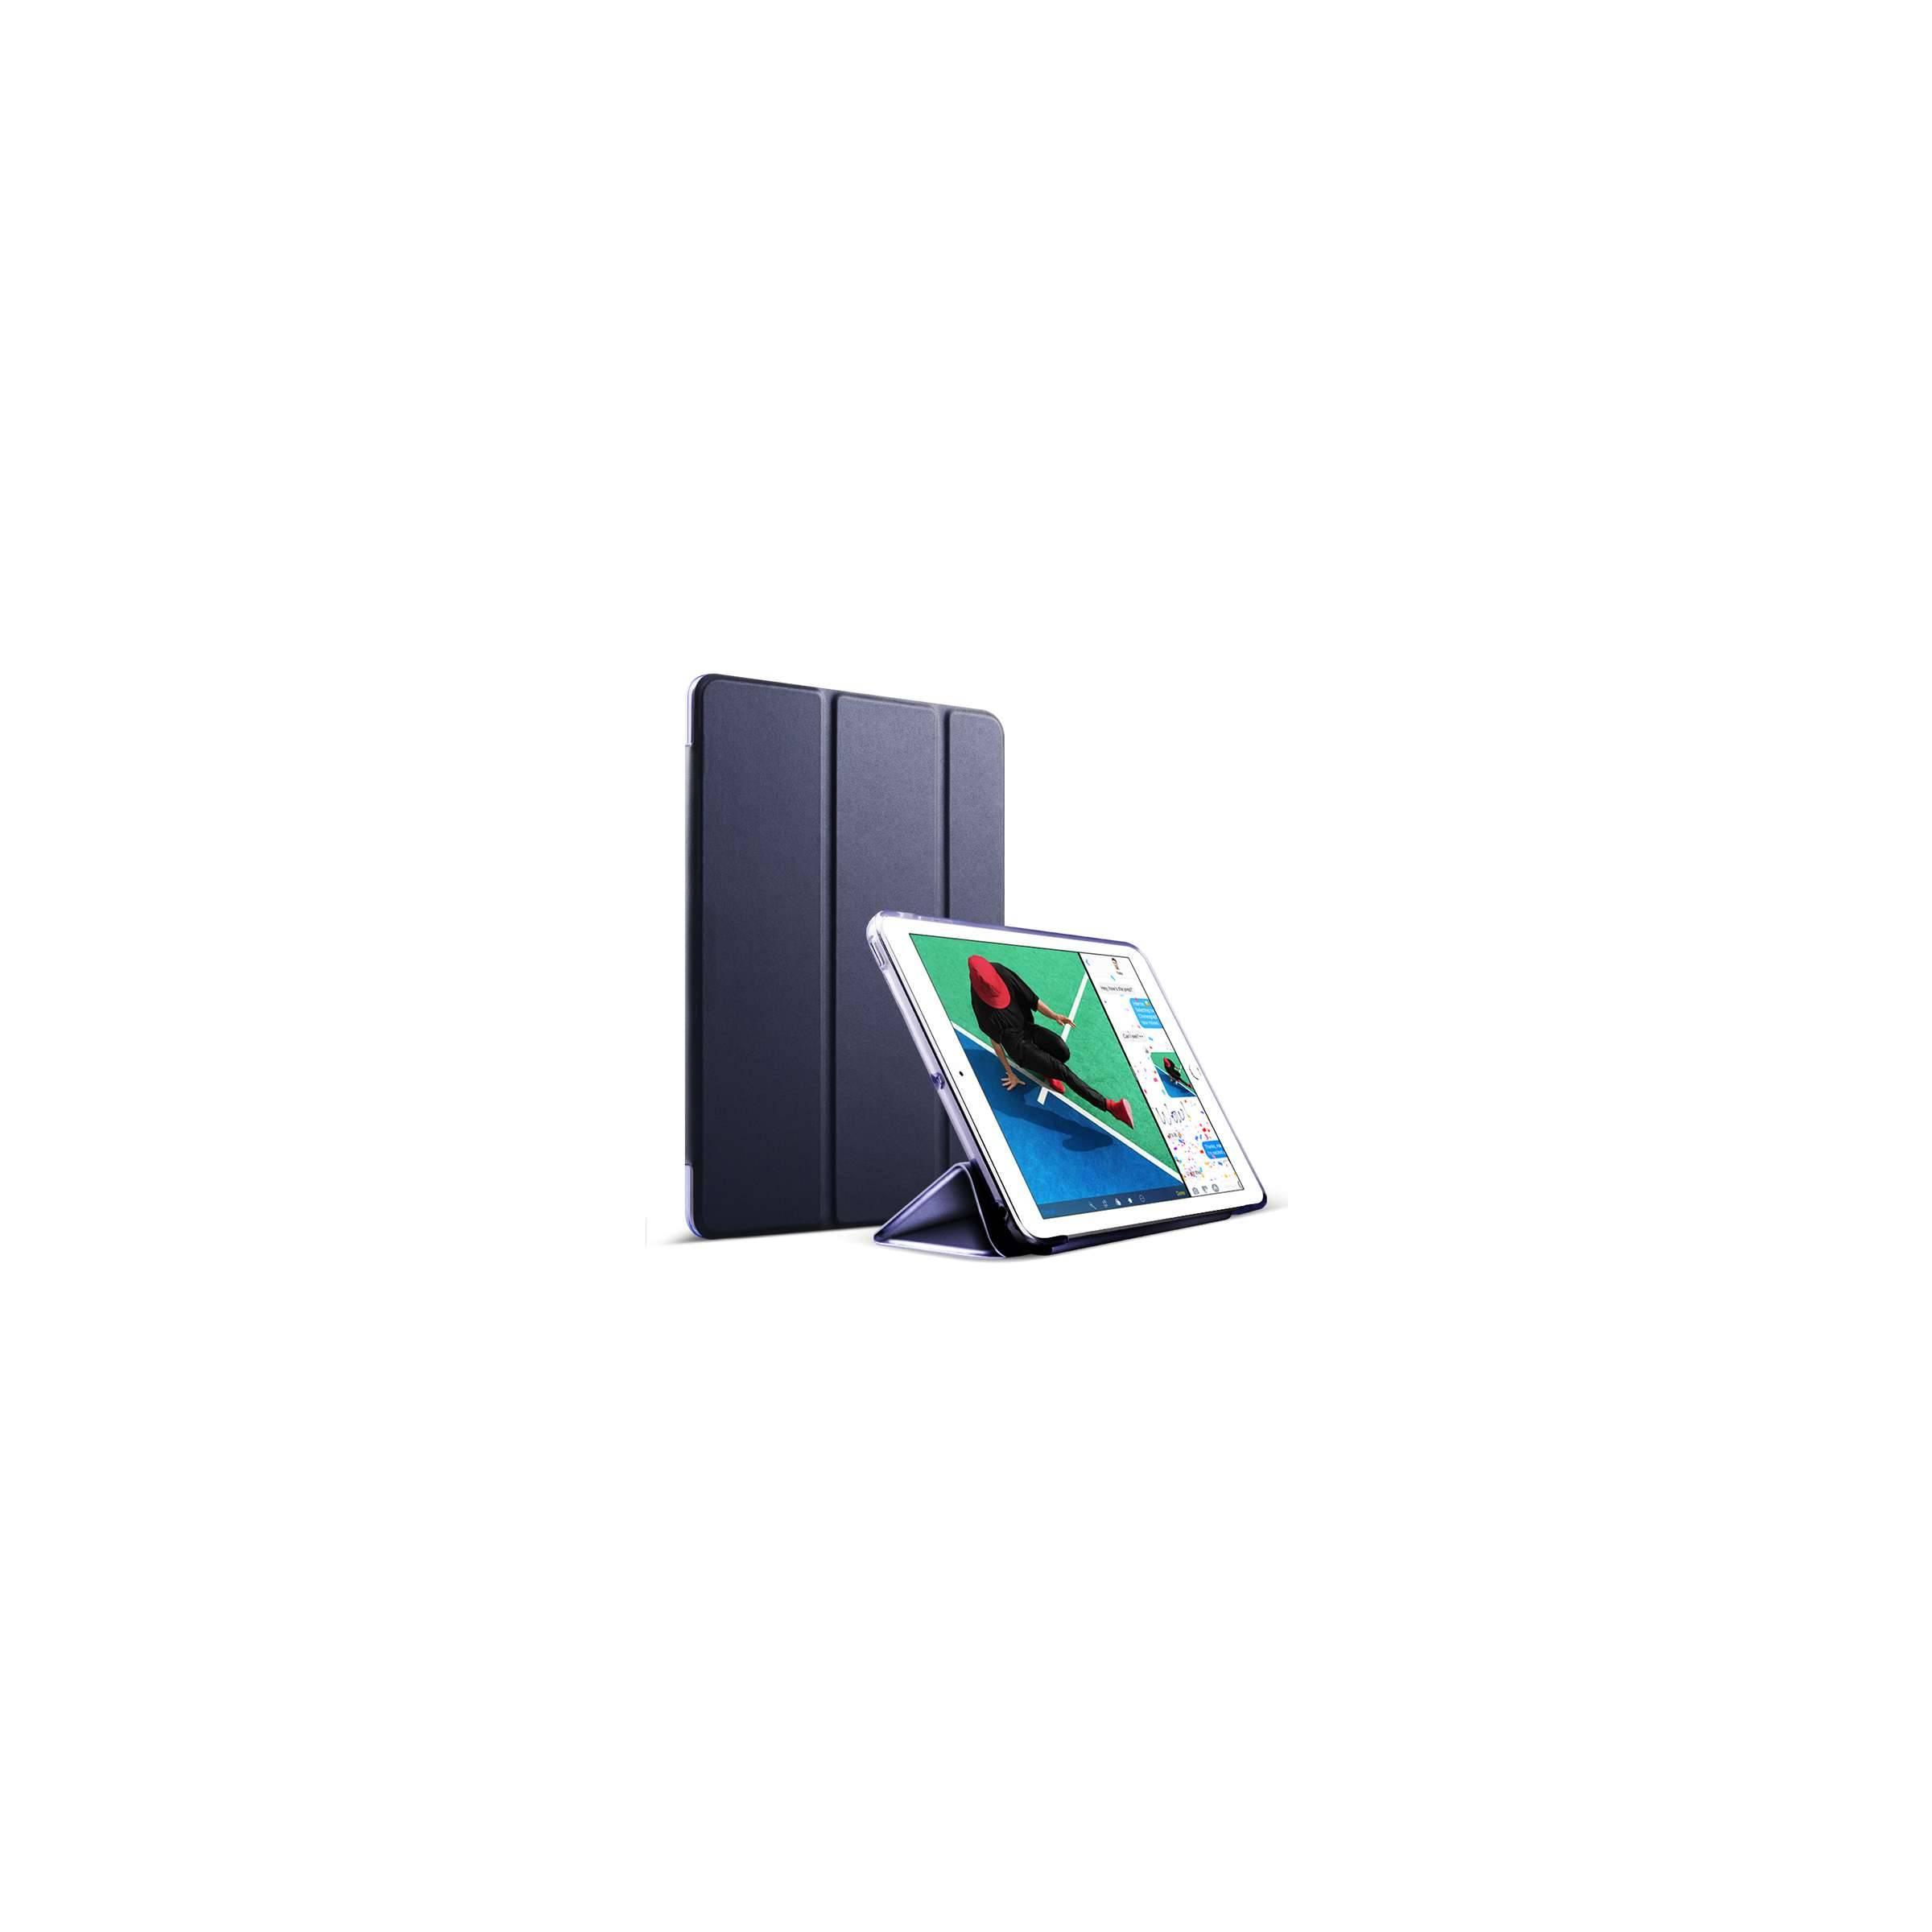 kina oem Ipad mini 5 silikone cover med bagside farve blå fra mackabler.dk